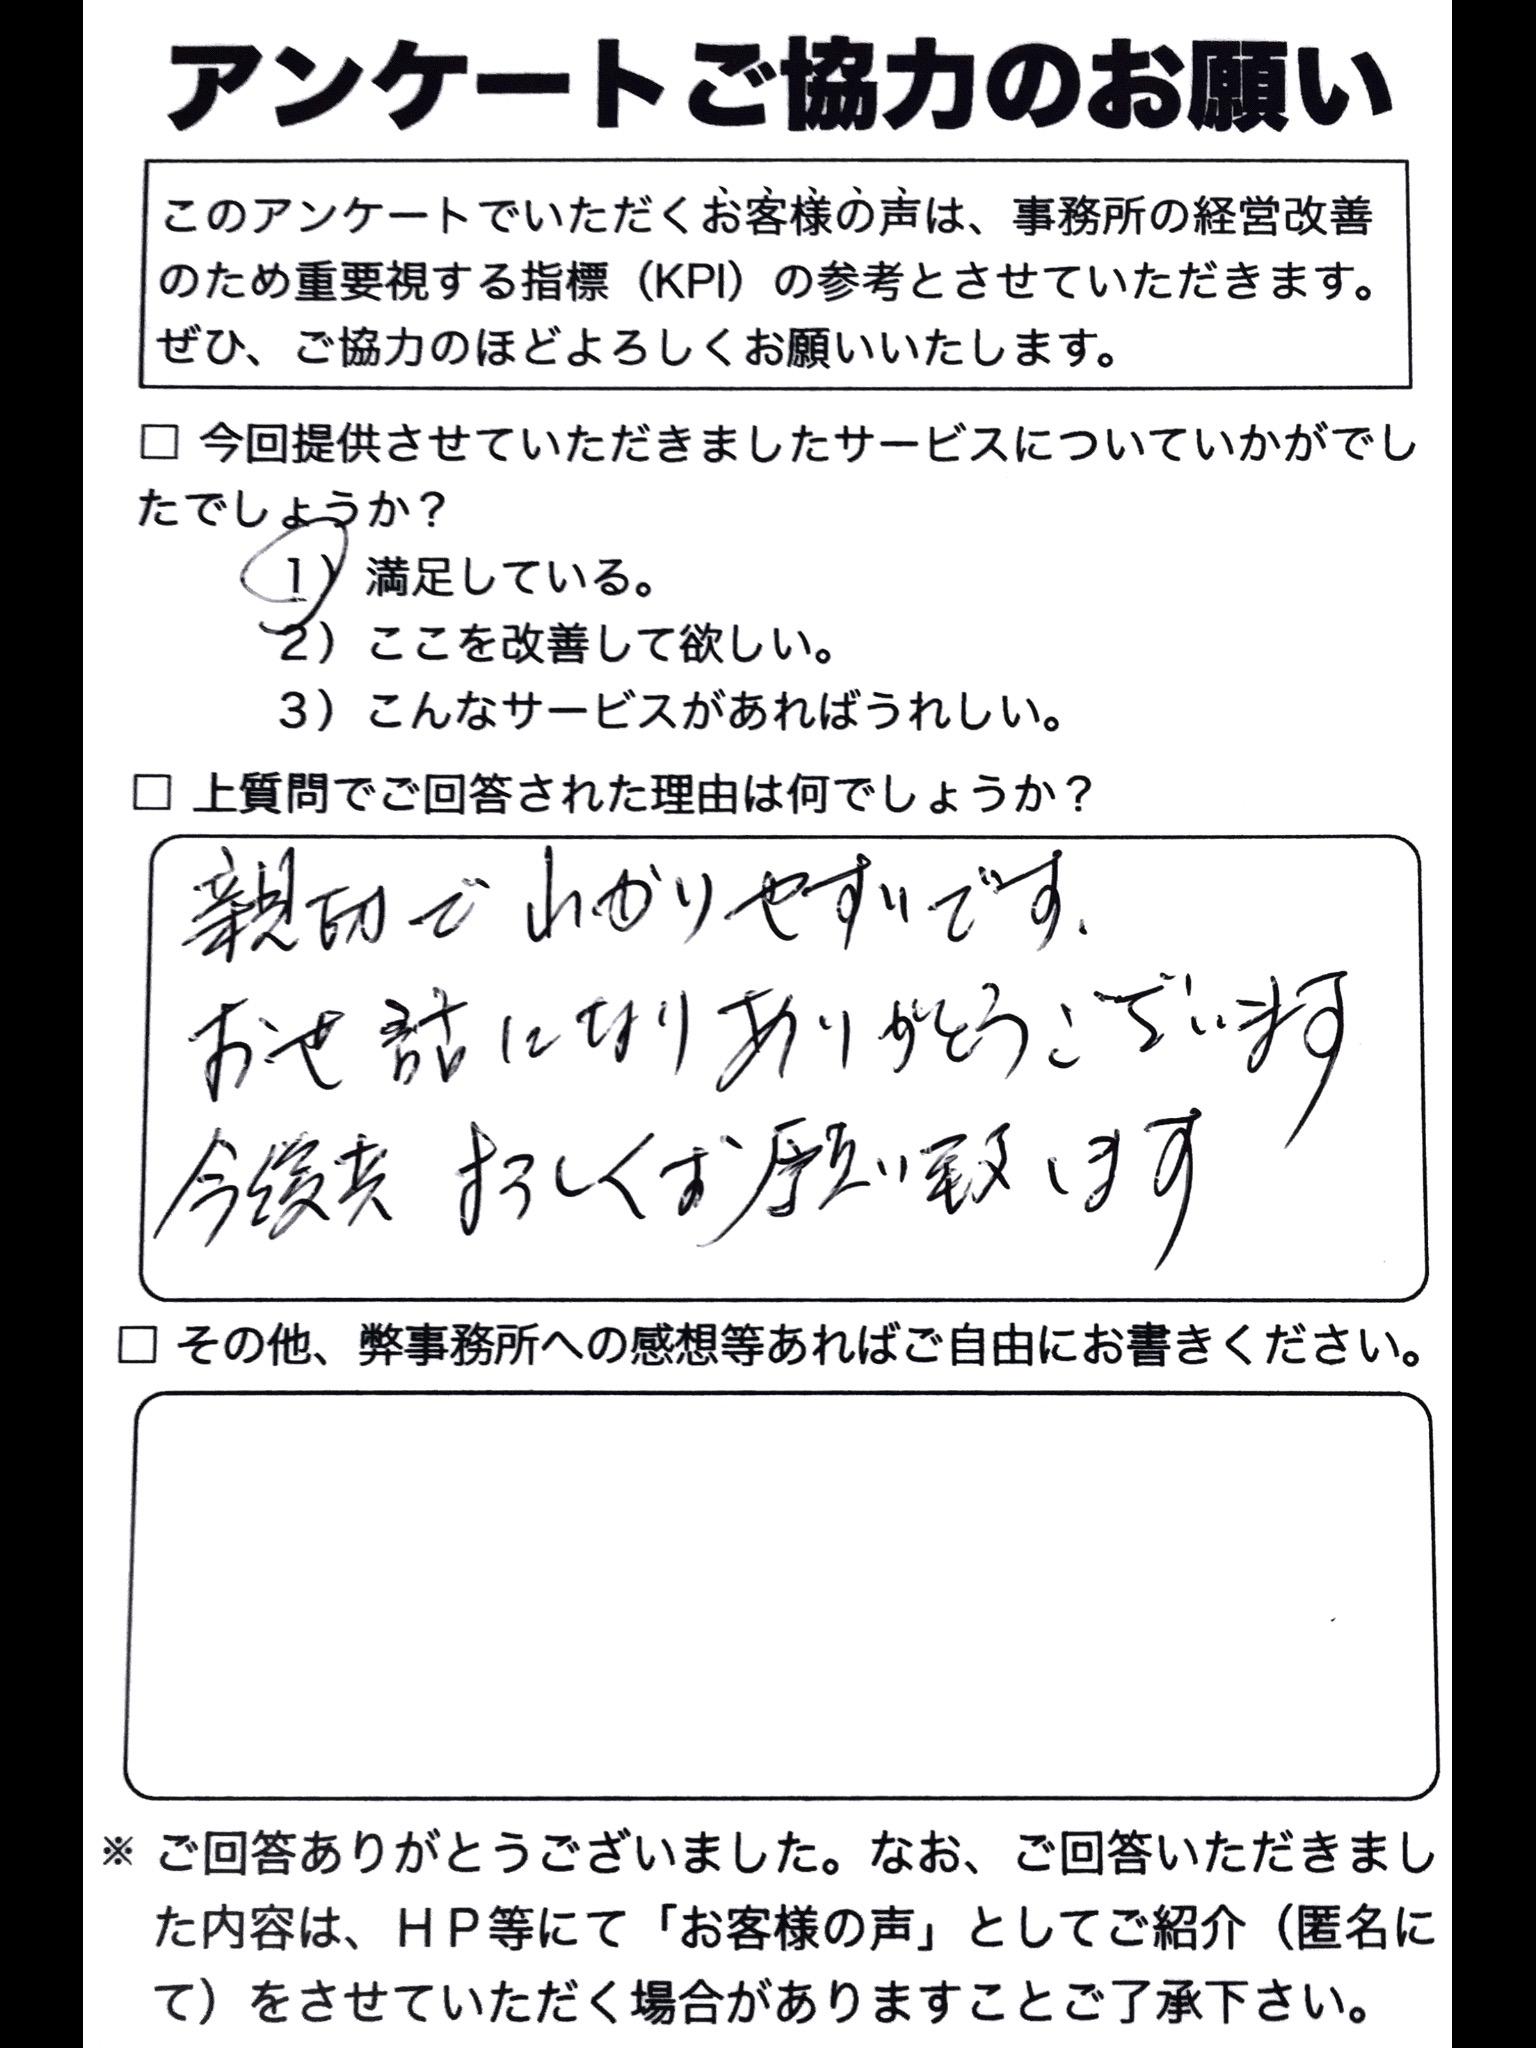 行政書士アンケート